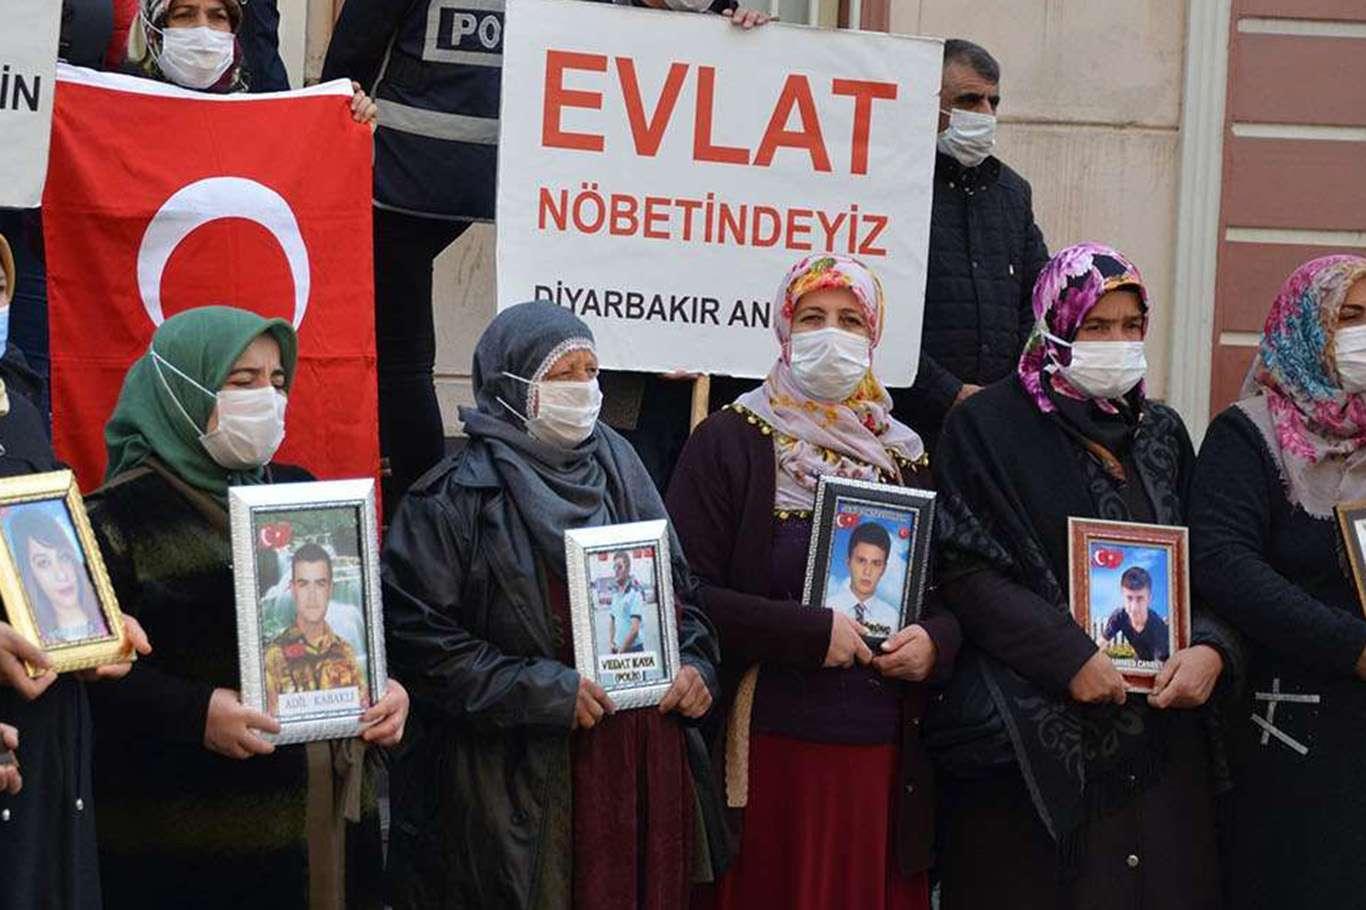 Diyarbakır'da Evlat Nöbetinde Sevindirici Haber: 1 Kişi Teslim Oldu